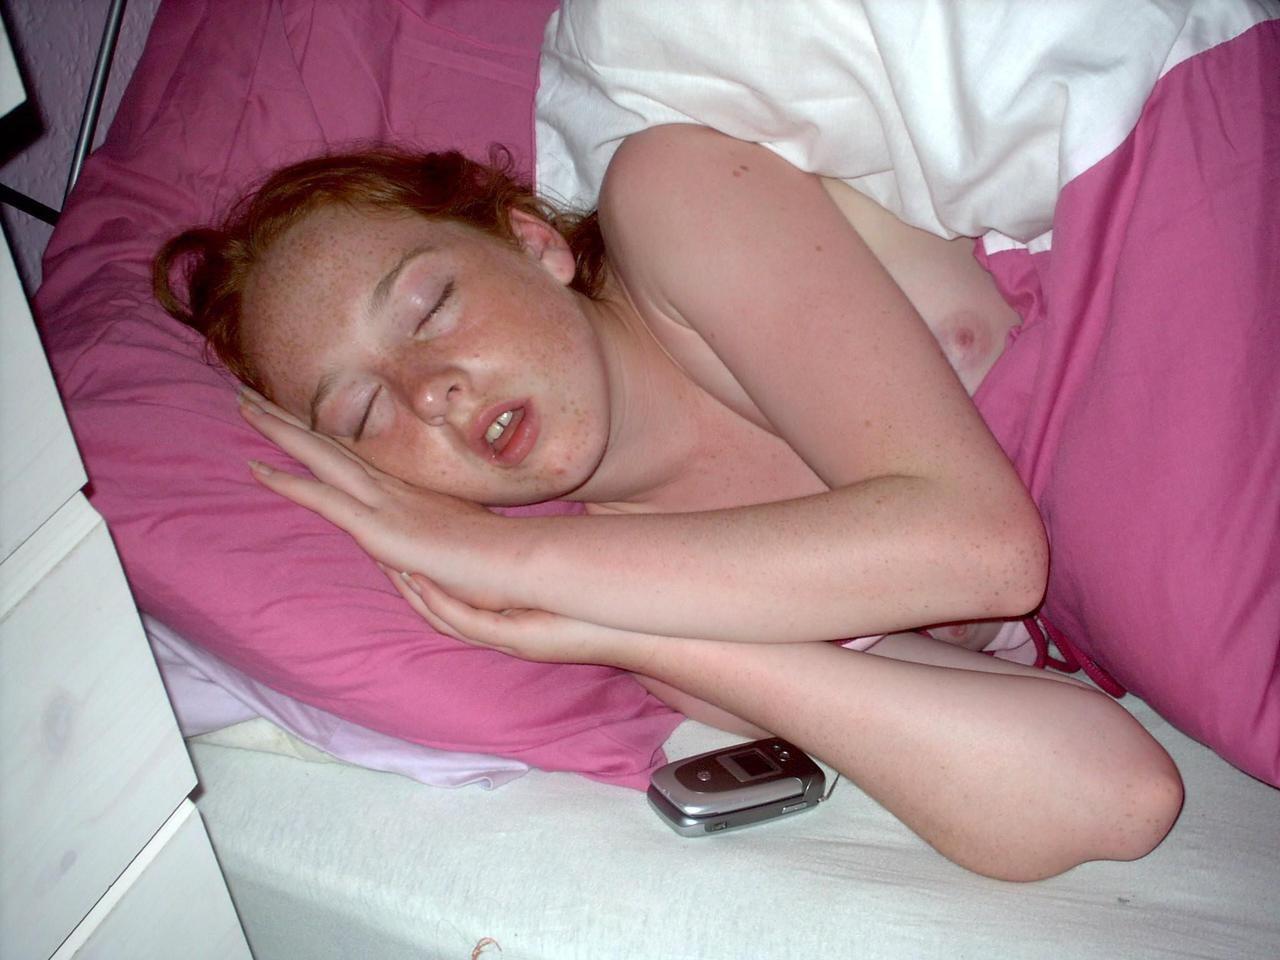 Спящие засветы девушек фото 6 фотография